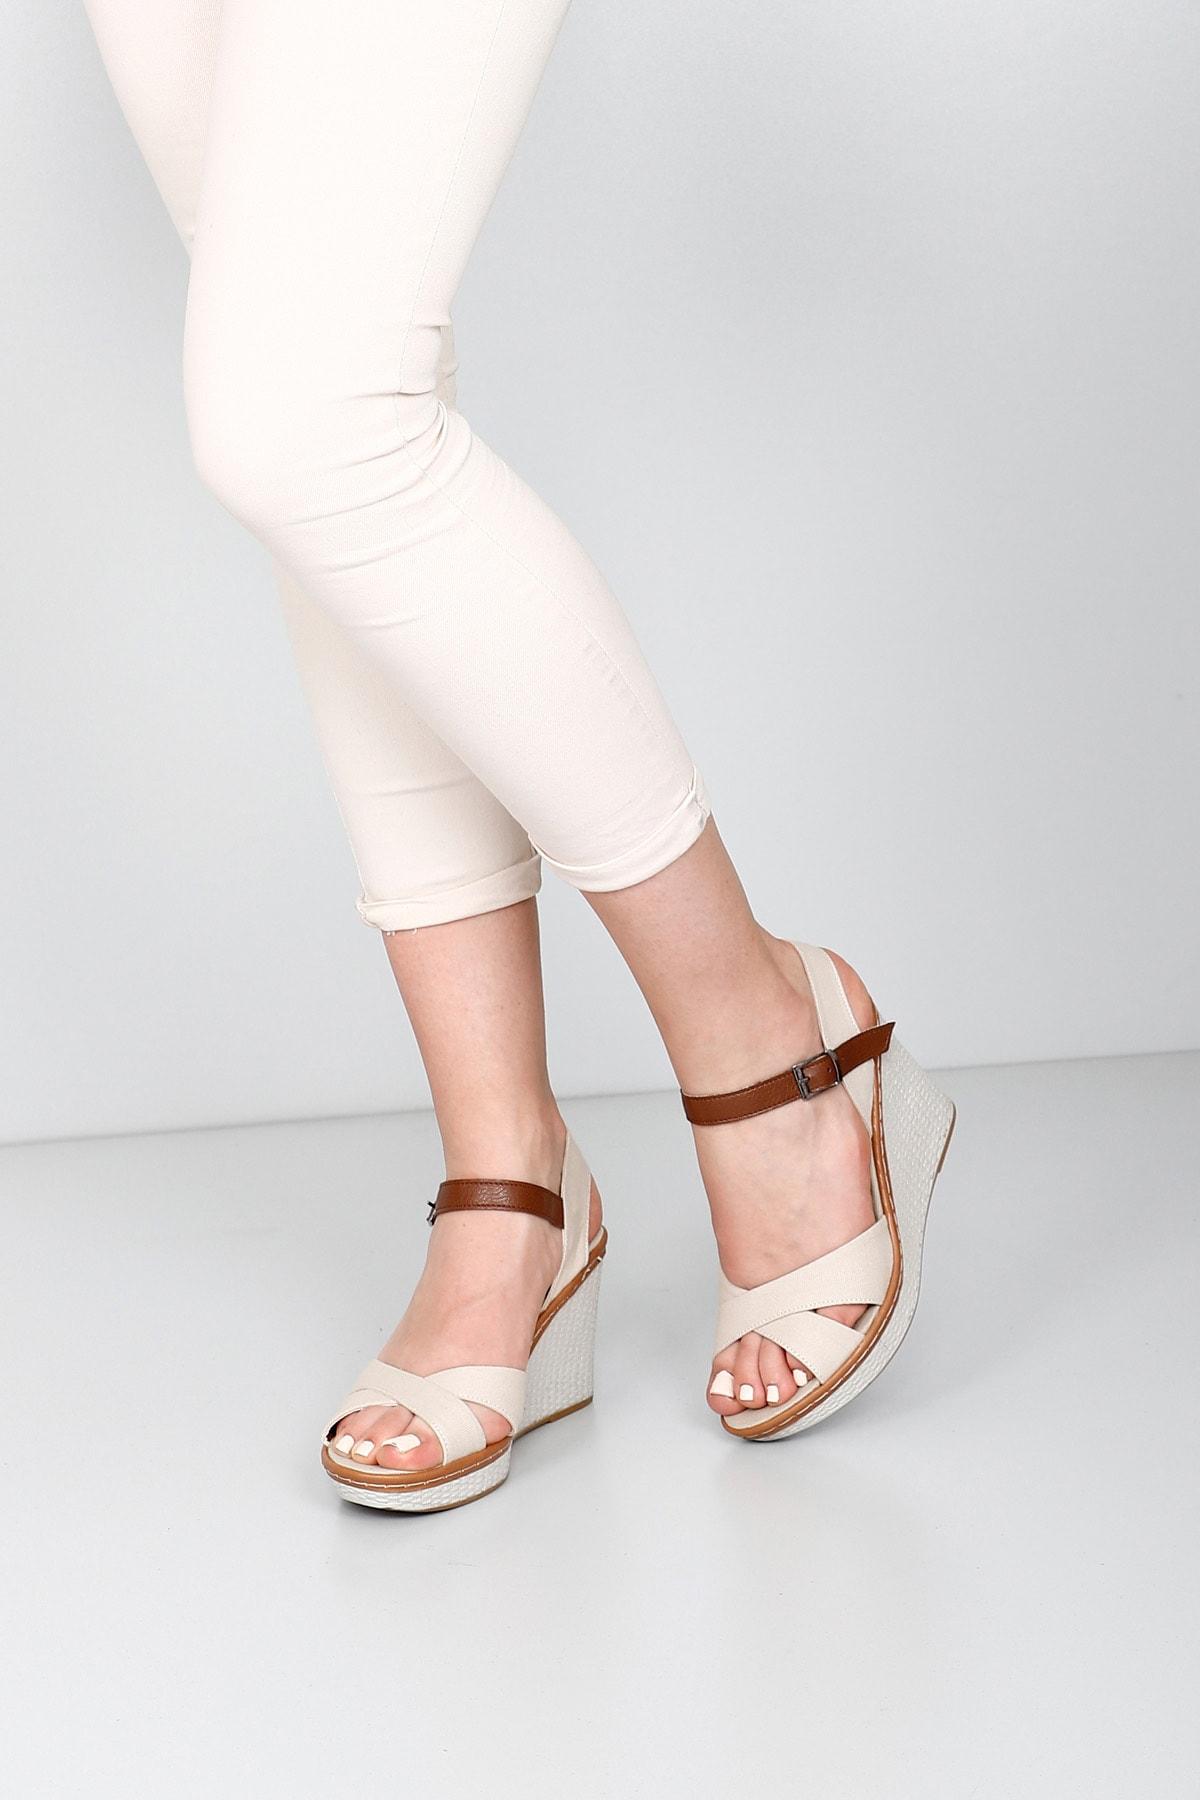 GÖNDERİ(R) Bej Keten Kadın Sandalet 37701 2